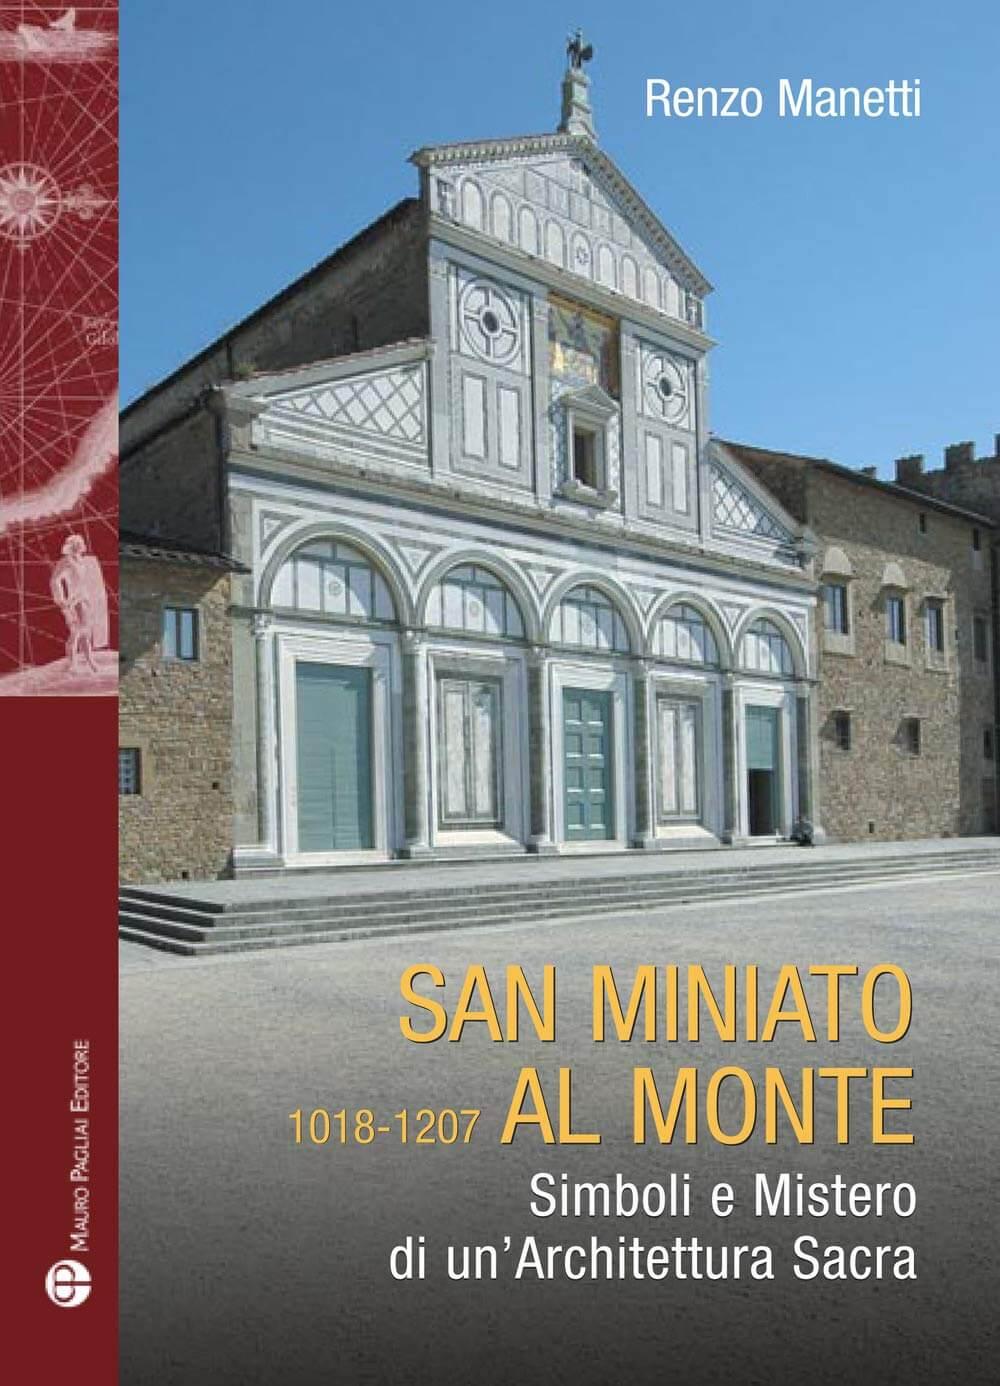 San Miniato al Monte 1018-1207. Simboli e mistero di un'architettura sacra